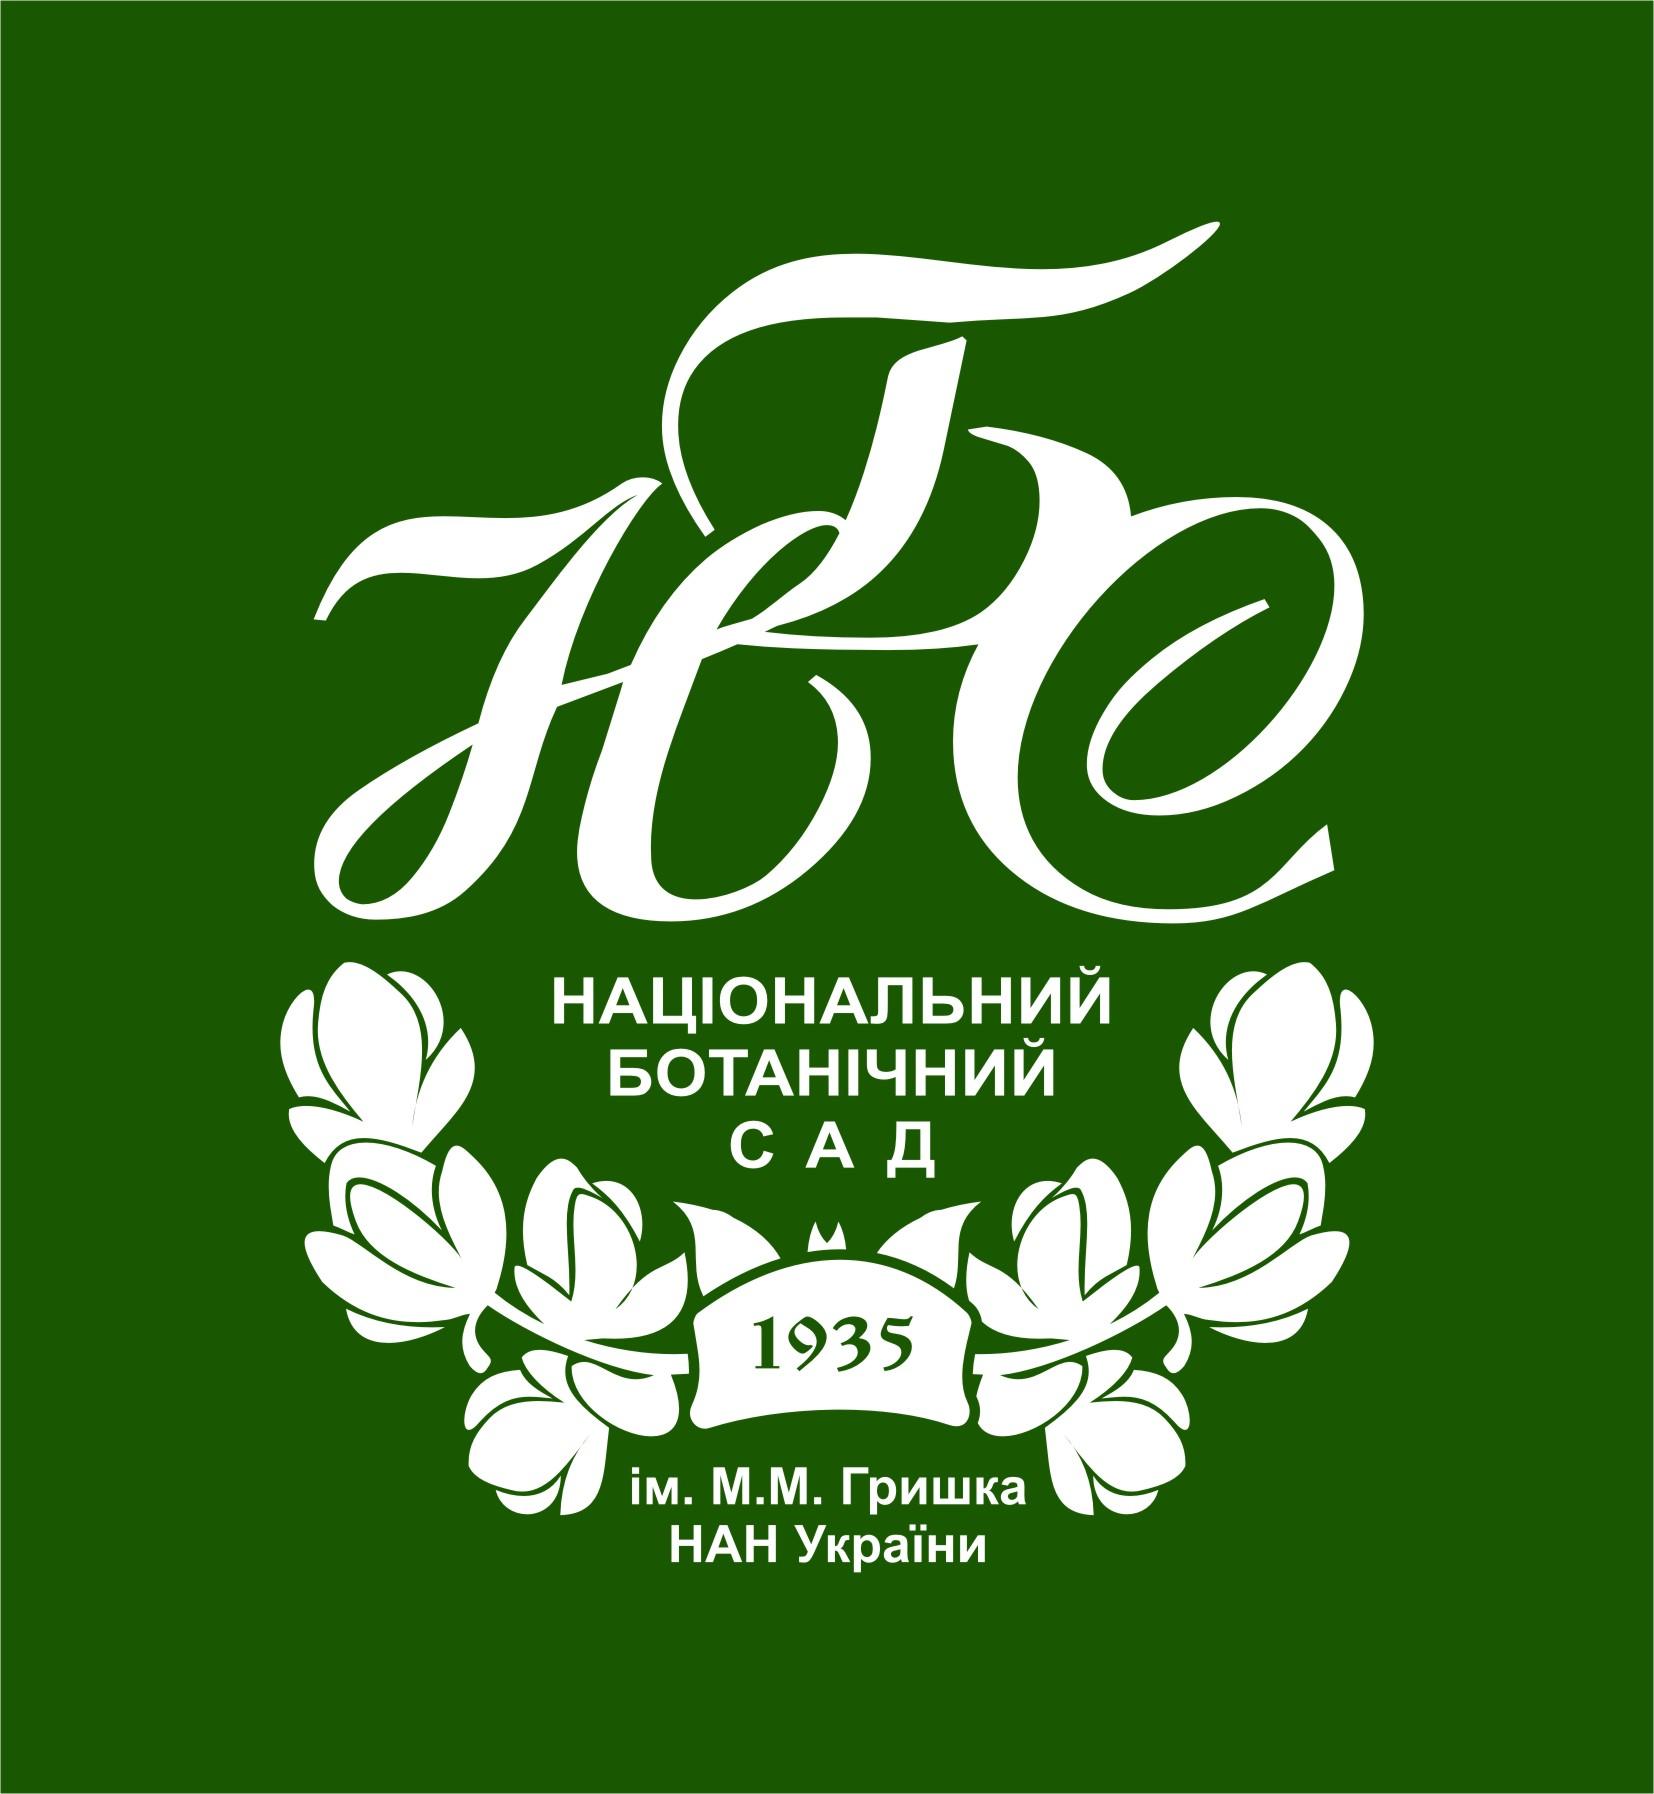 ukrajina logo.jpg